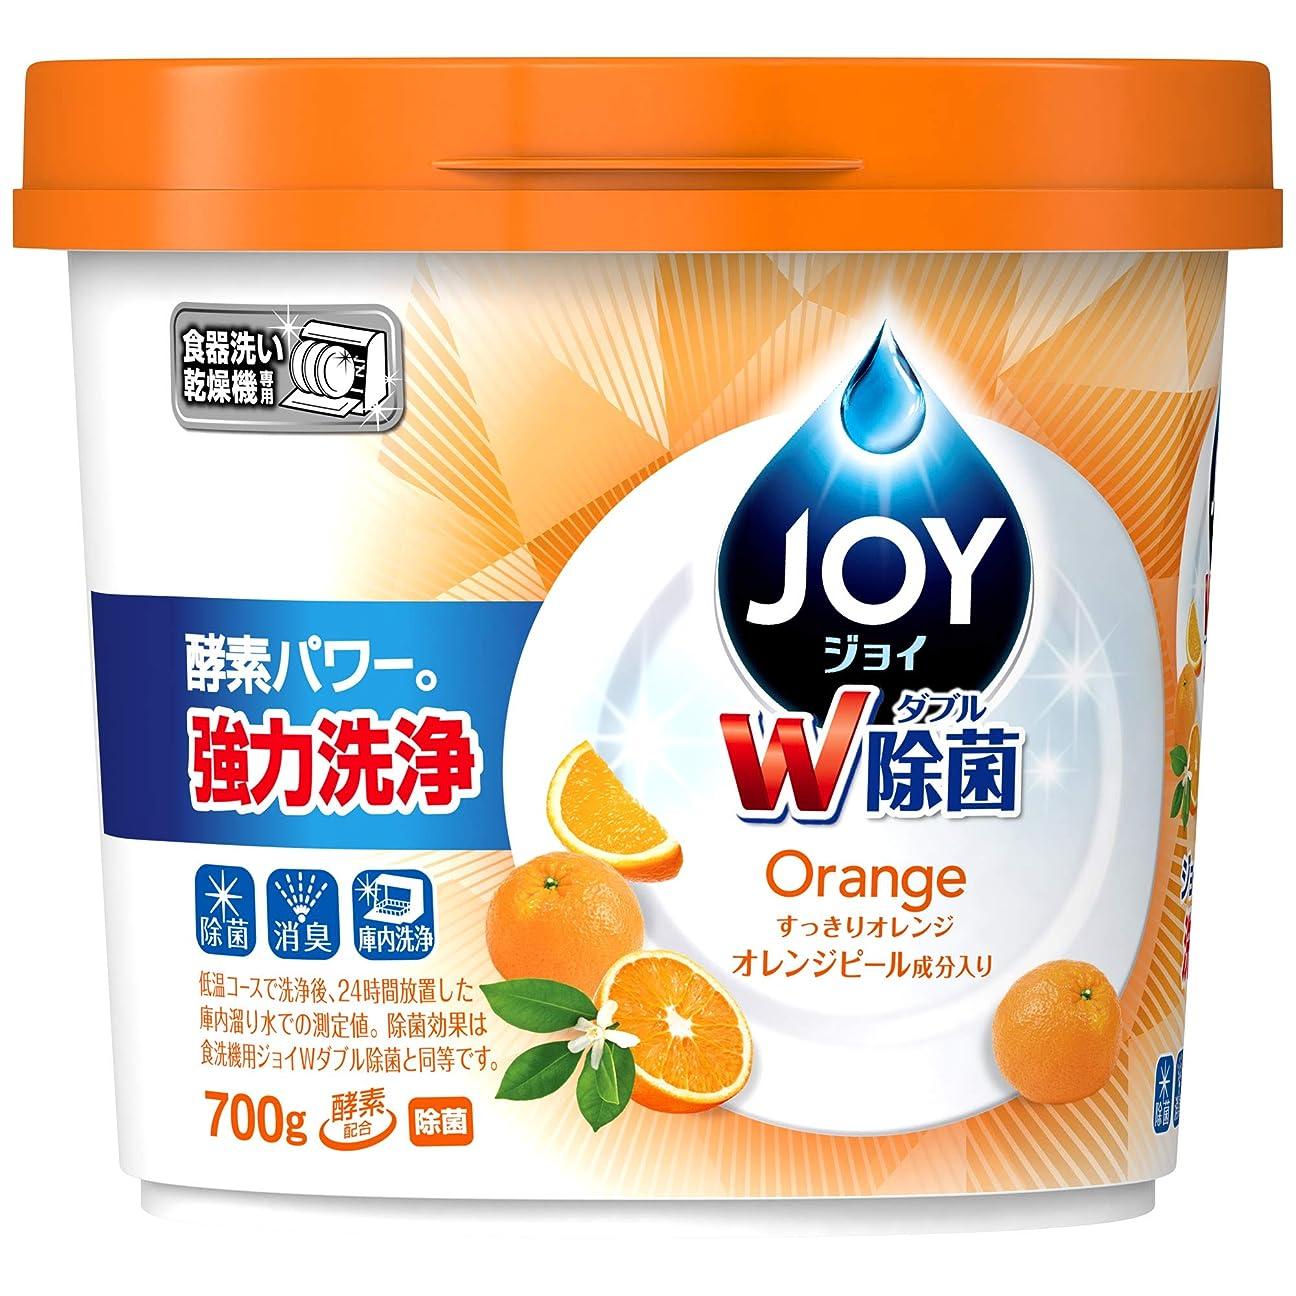 神の戸棚誇り食洗機用ジョイ 食洗機用洗剤 オレンジピール成分入り 本体 700g